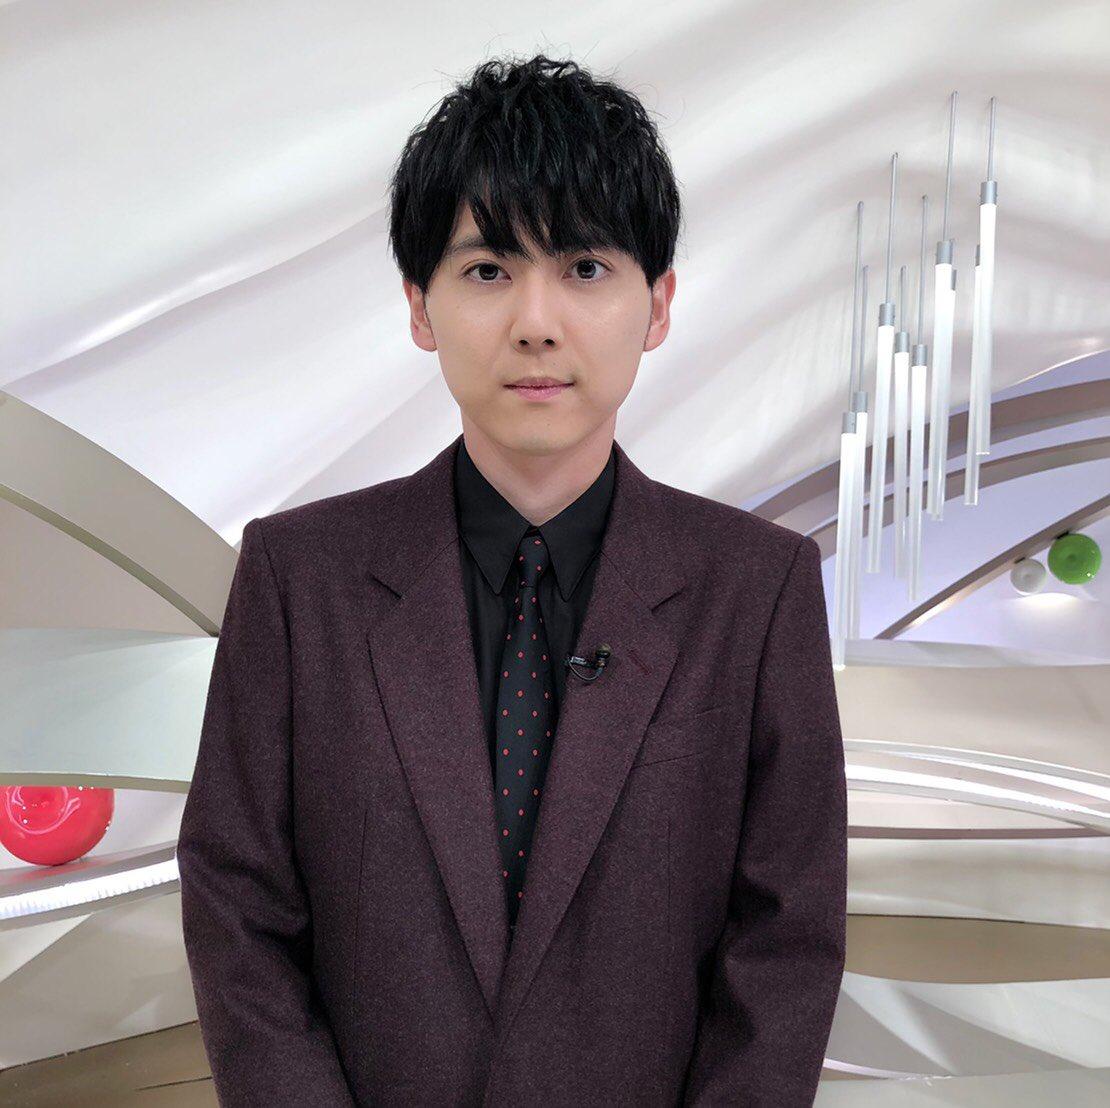 【TV】本日23時より日本テレビ系列にて放送の『news zero』に出演。是非ご覧ください。